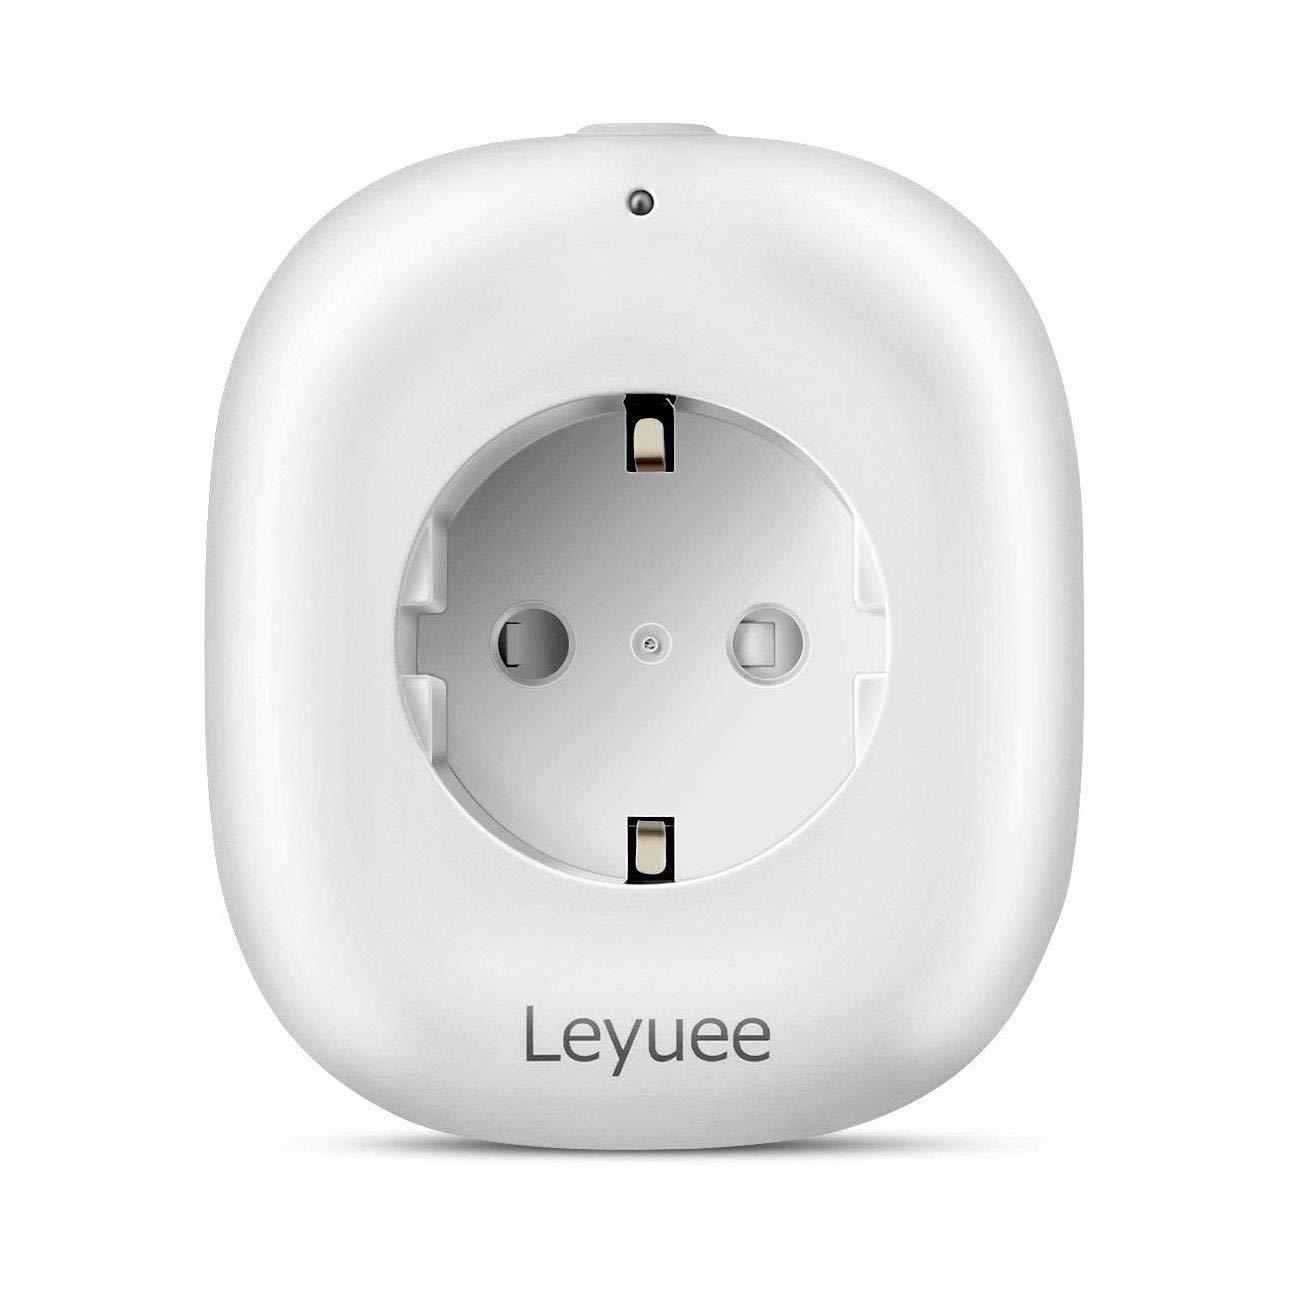 2 St/ück intelligente WLAN Steckdose zur Fernbedienung aller Ger/äte an Steckdosen von /Überall /über das Internet und /Über  Alexa Echo Sprachsteuerung WiFi Smart Plug Leyuee WiFi Steckdose